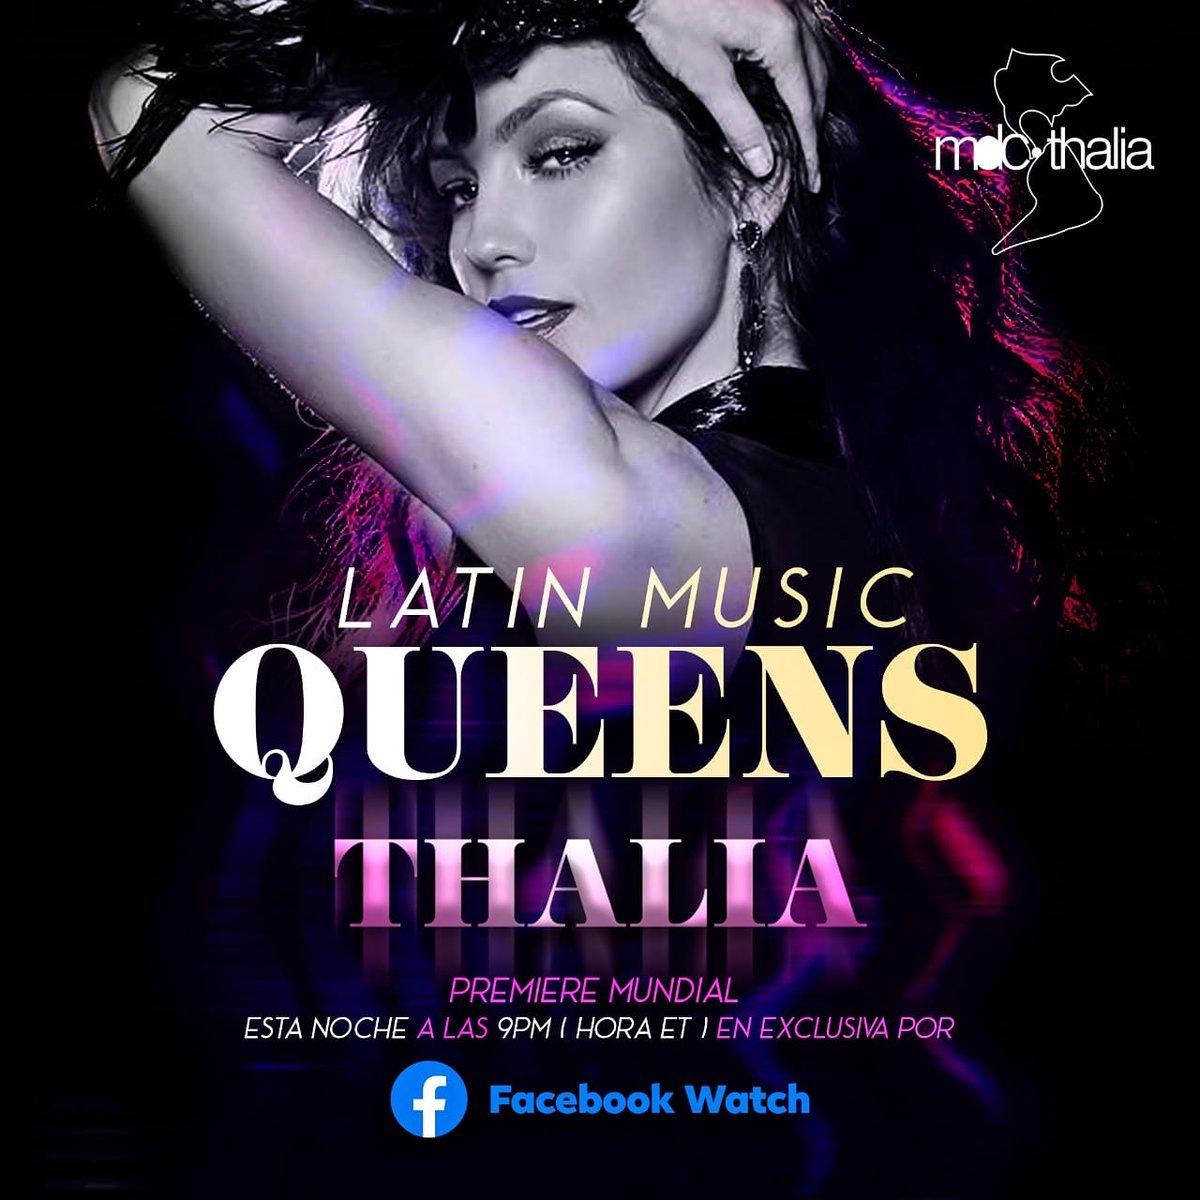 LATIN MUSIC QUEENS - THALIA  @thalia 👑🌼💋❤️  Es una cantante, compositora, actriz, empresaria y filántropa mexicana que lleva casi tres décadas de vigencia en la industria de la música    #Thalia #Farina #SofiaReyes #LatinMusicQueens @mdcthalia @mdcguadalajara https://t.co/otzajLusKi